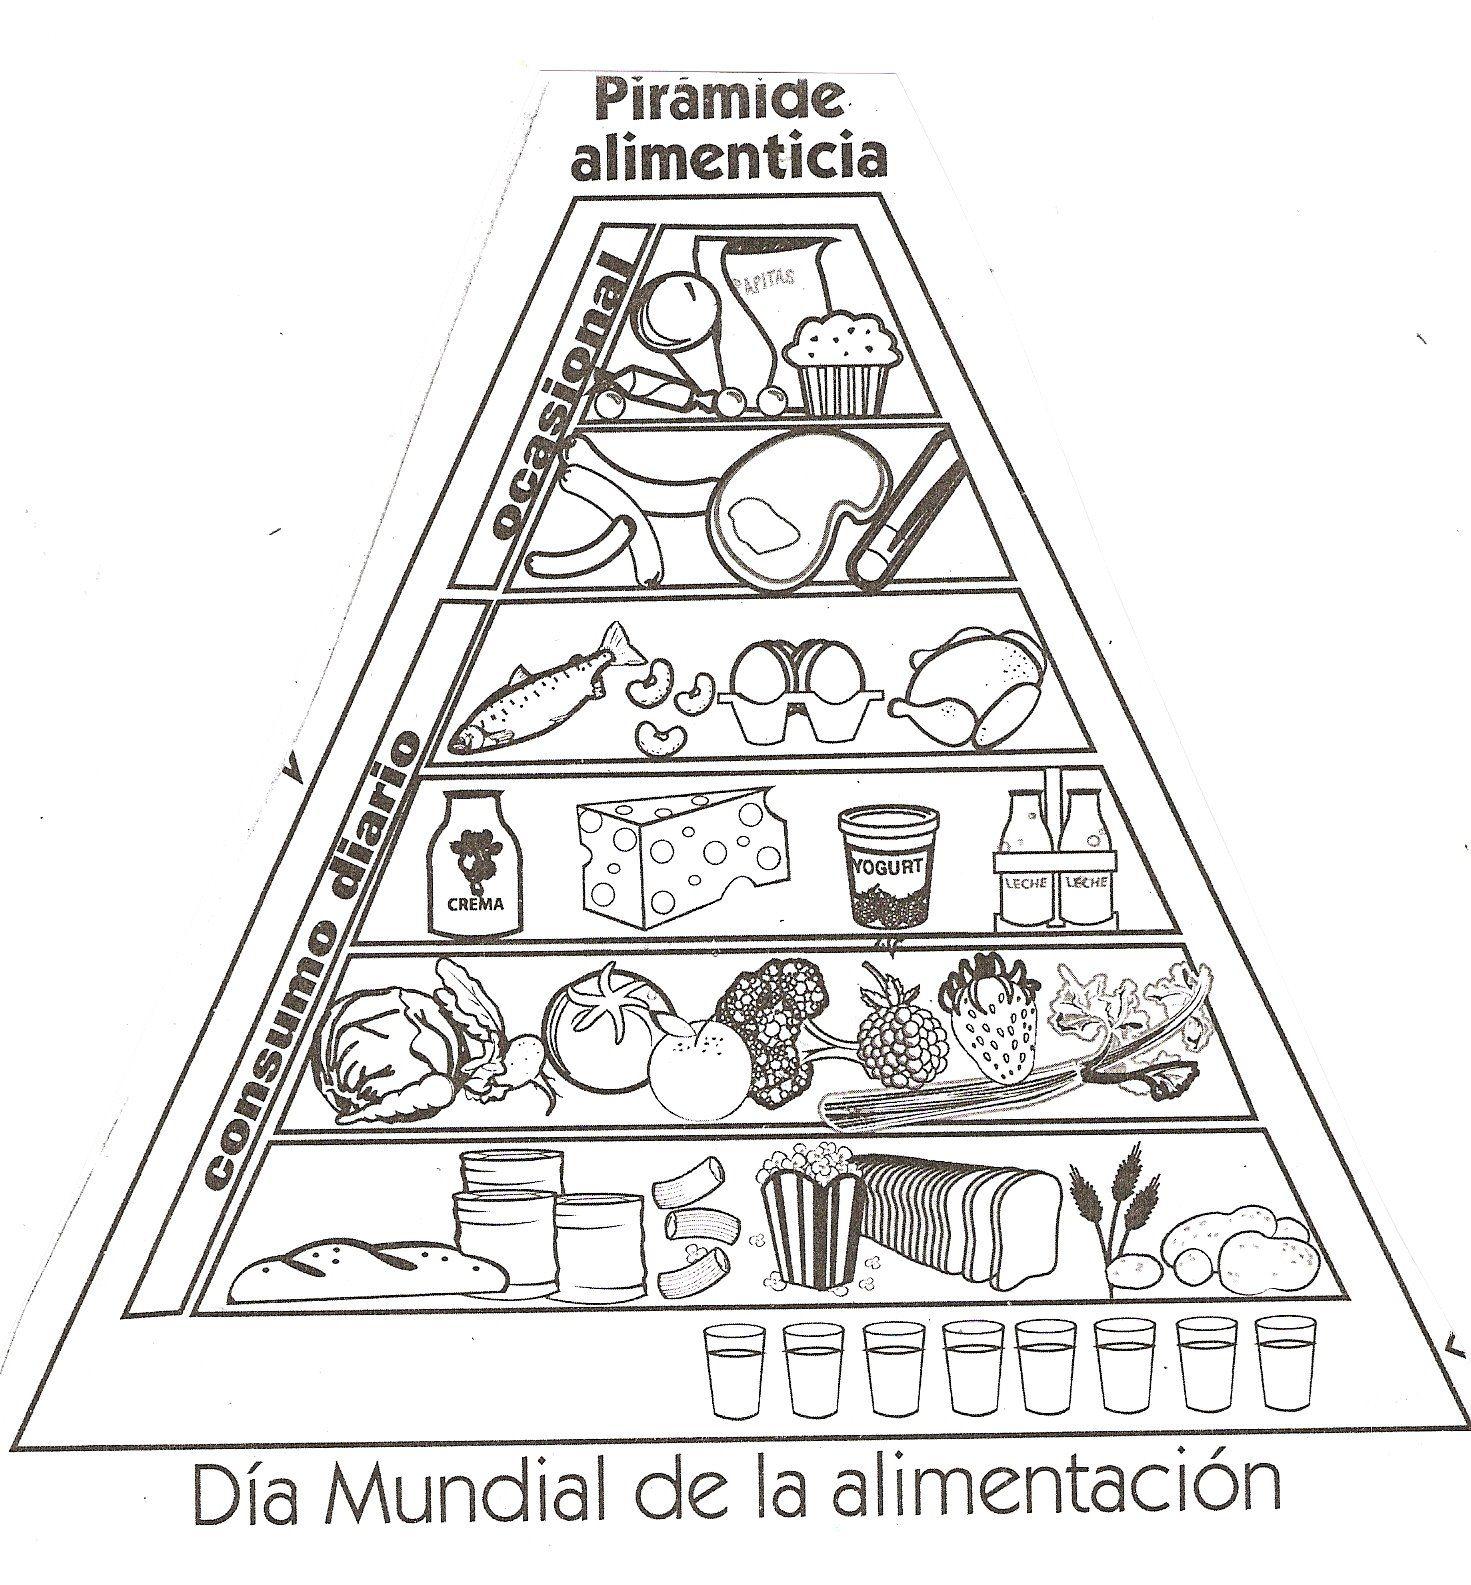 Piramide alimenticia dibujos para colorear piramide - Piramide alimenticia para colorear ...